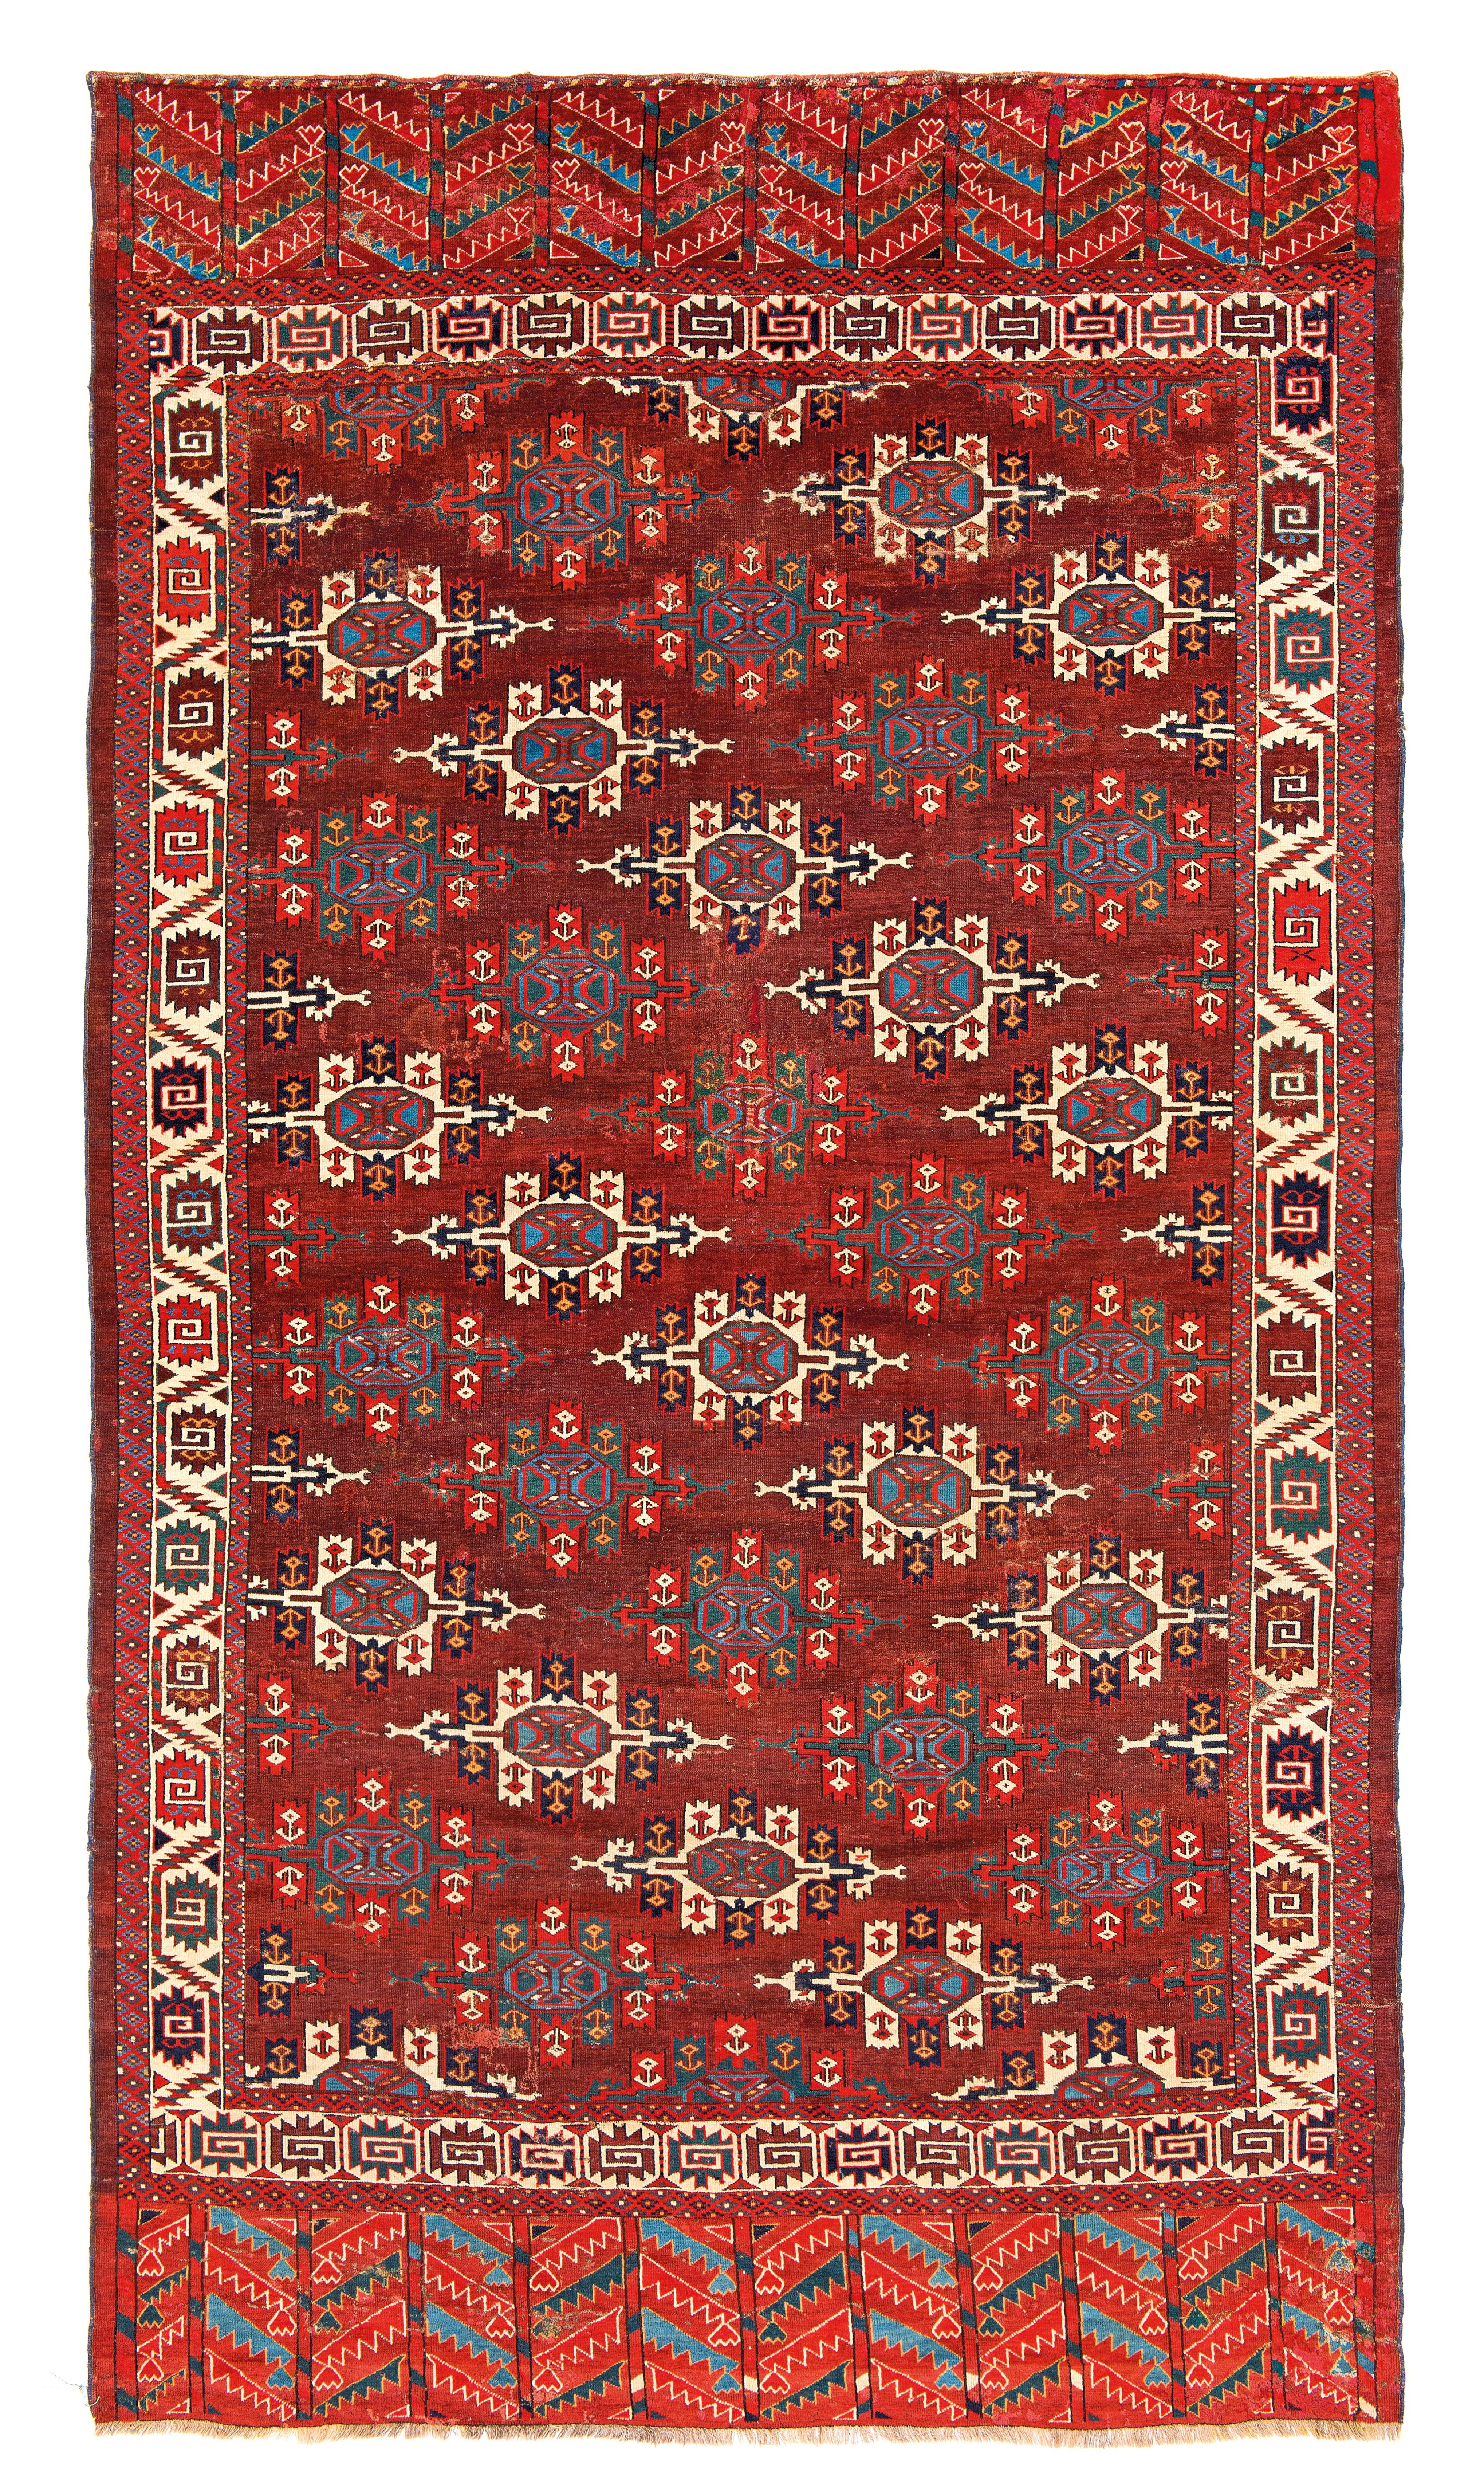 Yomut Main Carpet Austria Auction Private Sale